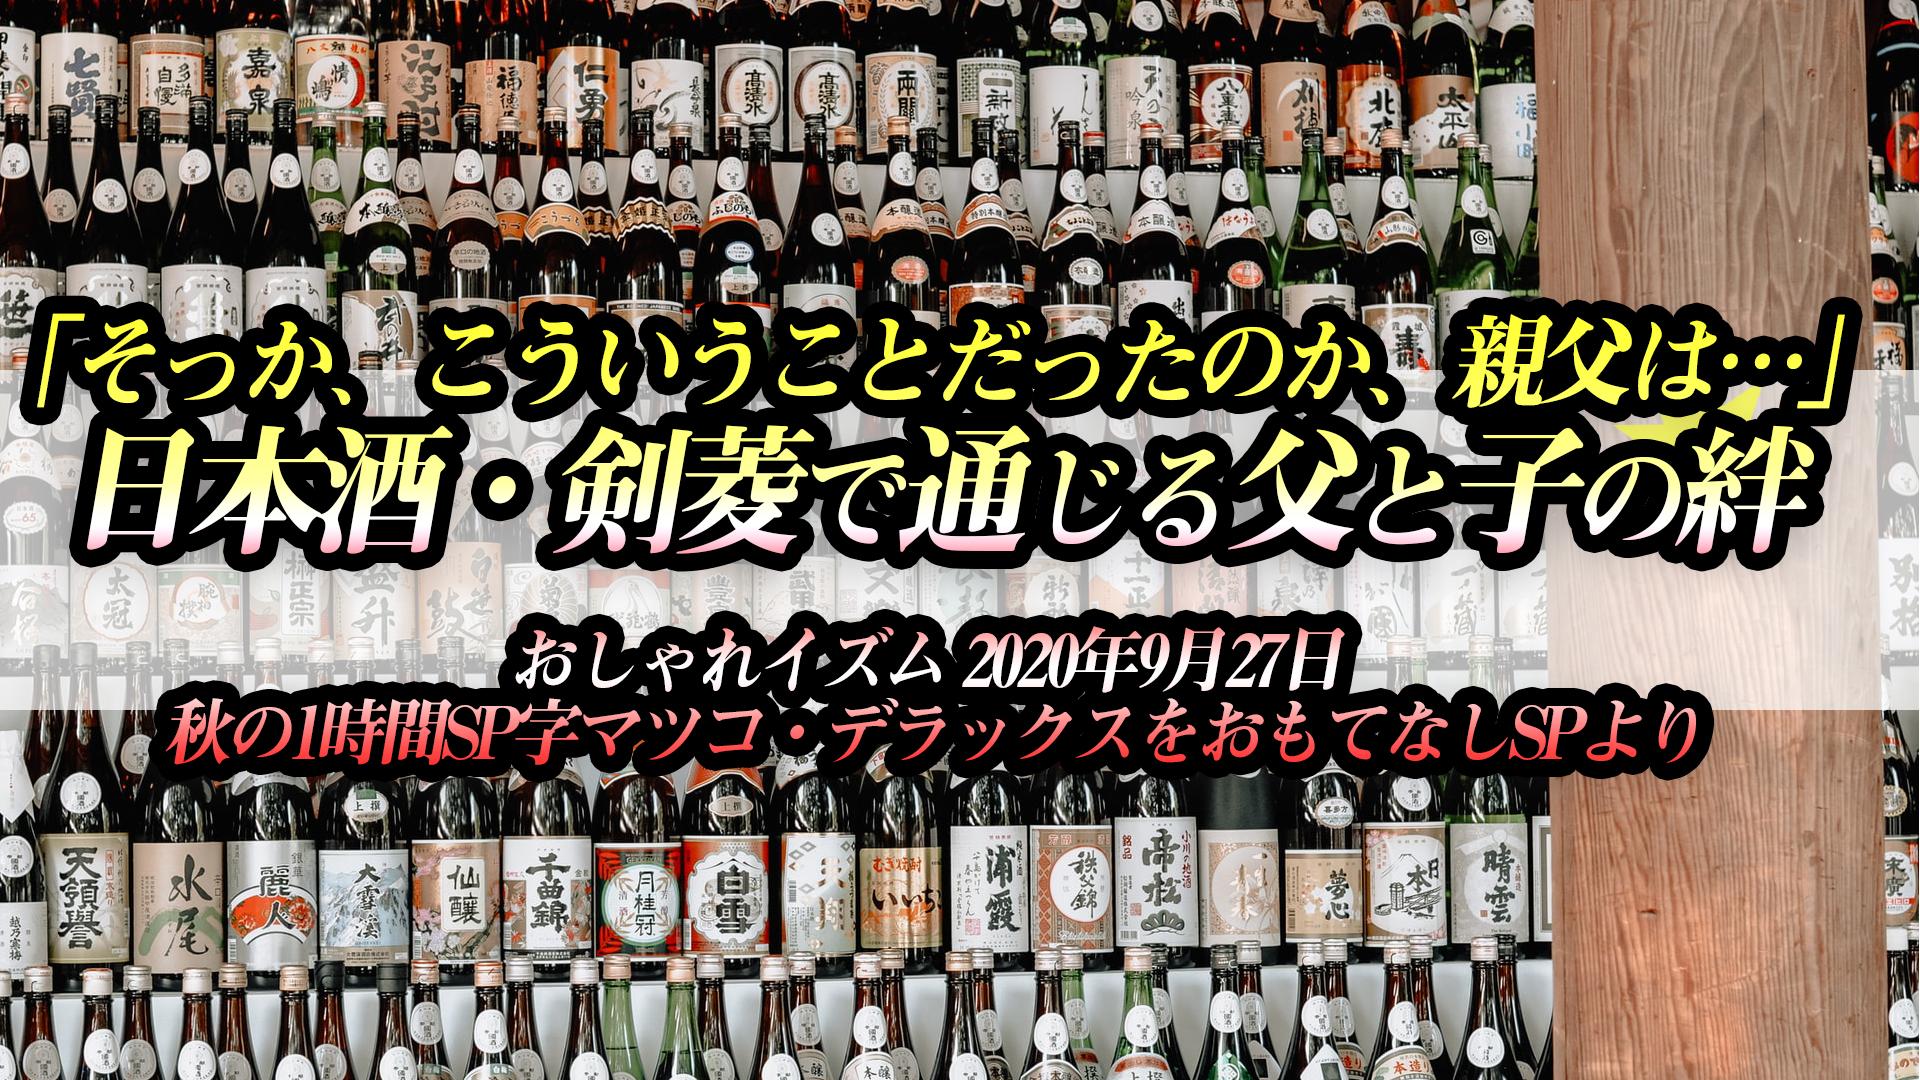 「そっか、こういうことだったのか、親父は…」 日本酒・剣菱で通じる父と子の絆